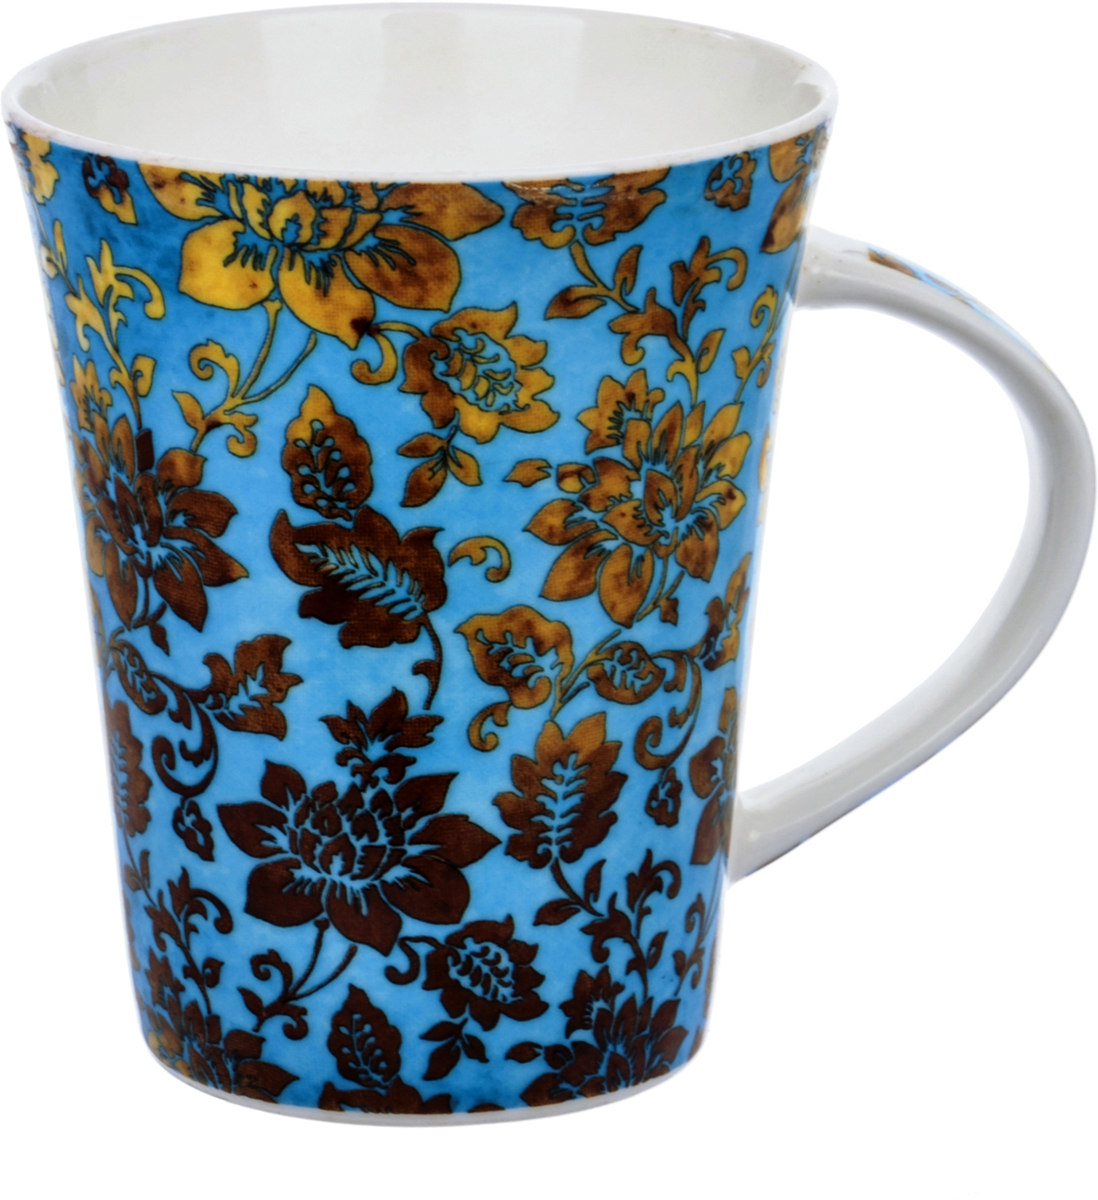 Кружка Liling Quanhu Восточный орнамент, цвет: голубой, 380 мл кружка liling quanhu букет дизайн 1 380 мл